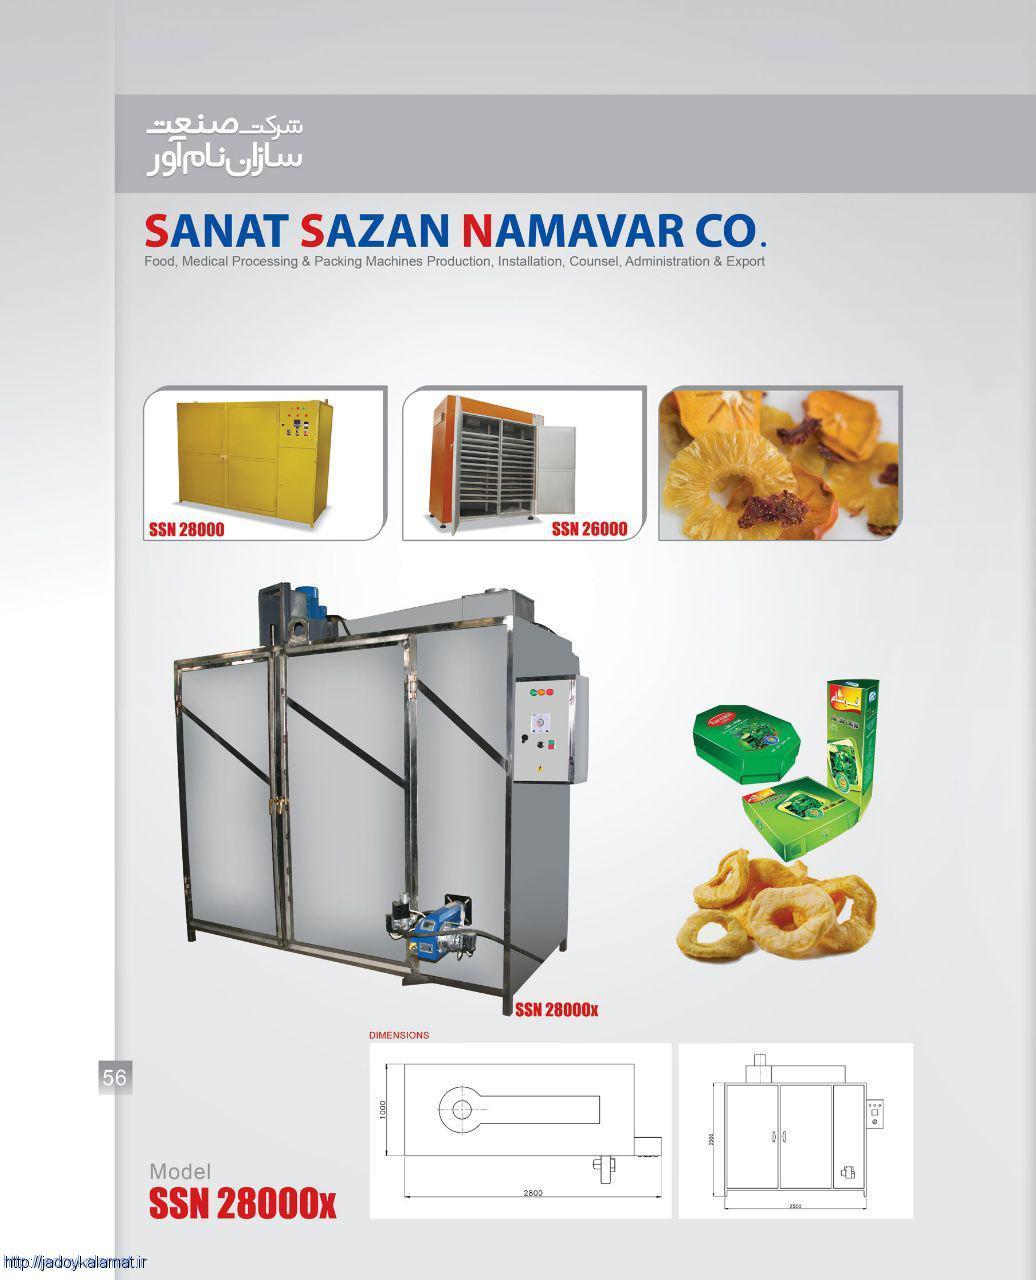 دستگاه خط تولید میوه جات و سبزیجات خشک